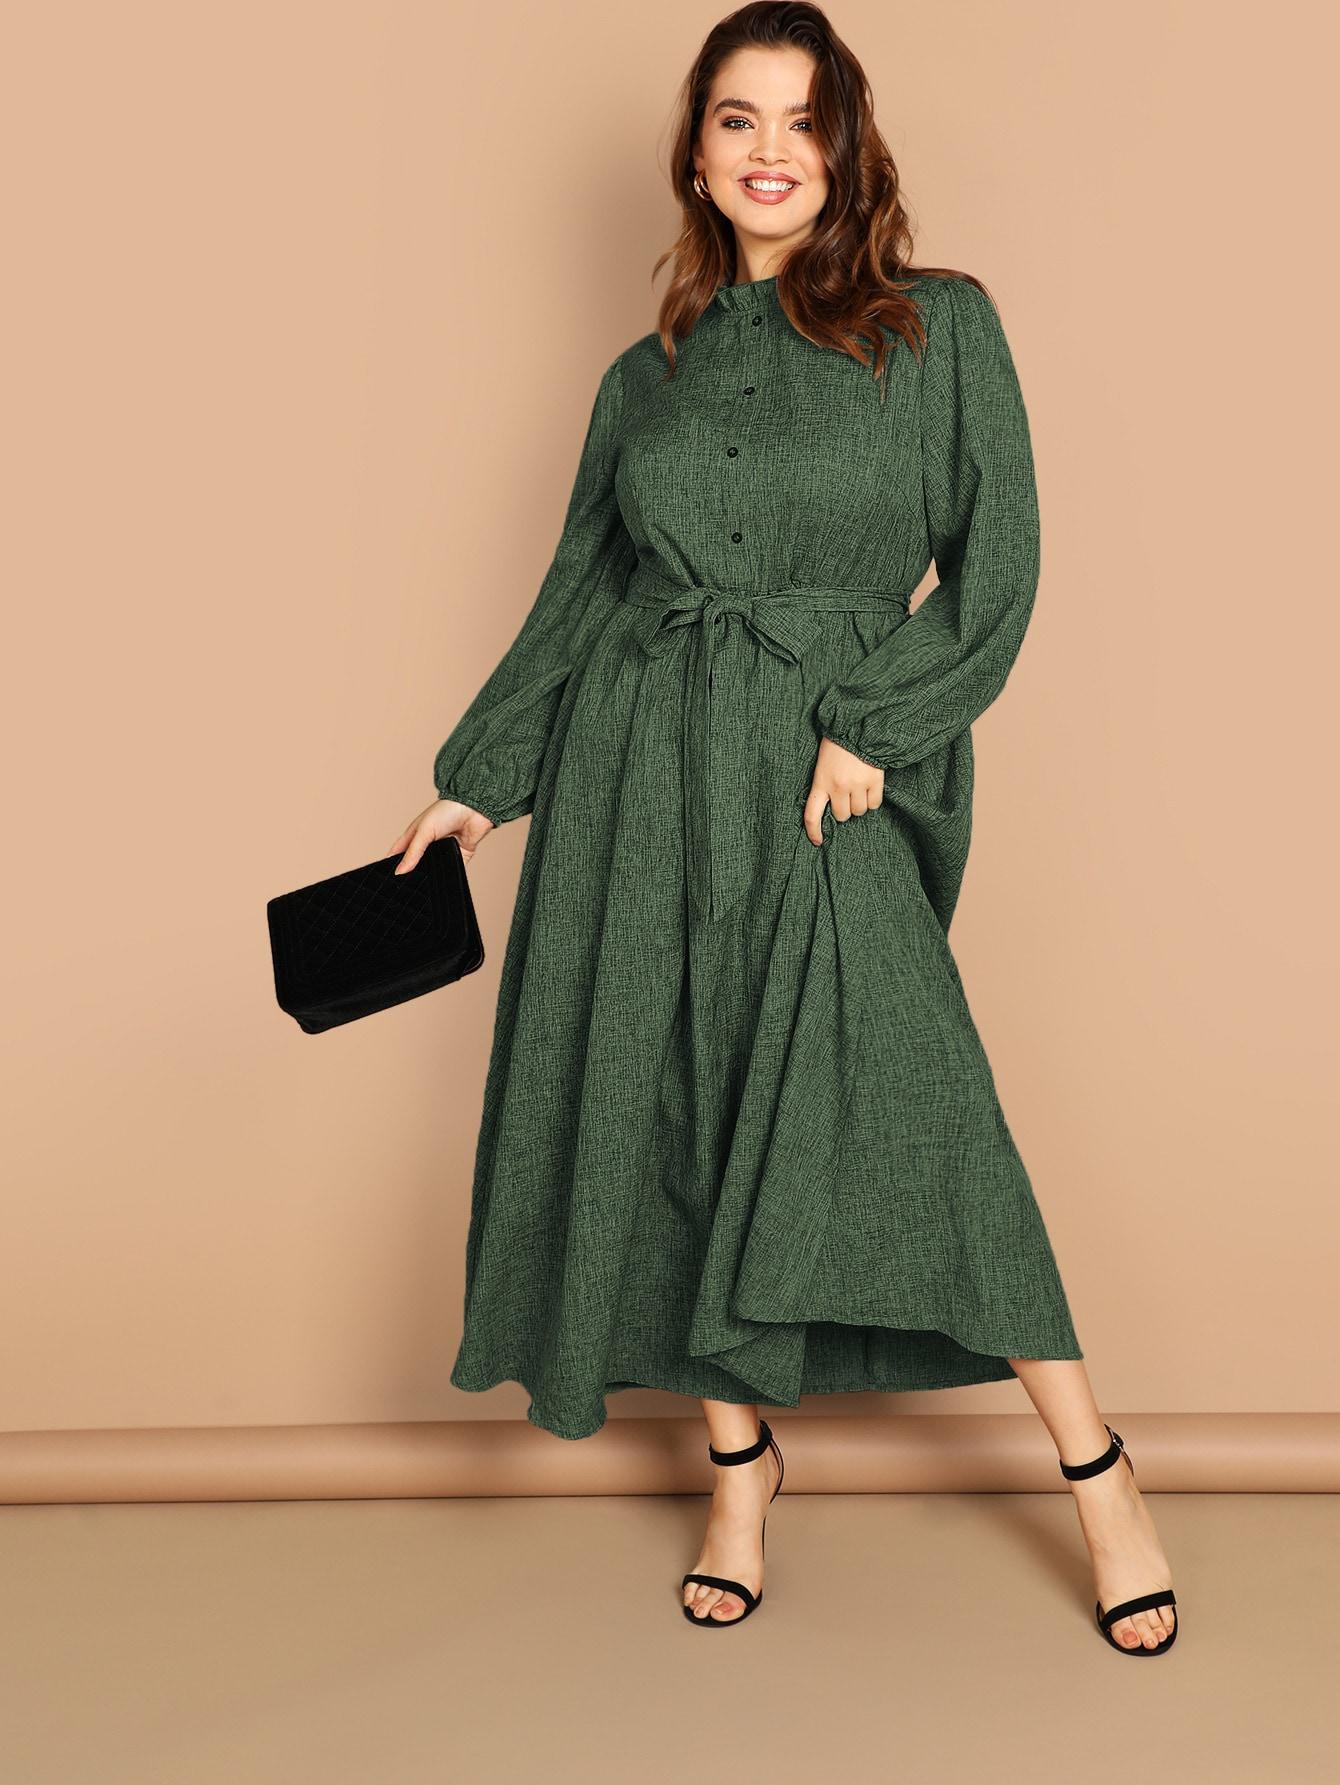 Размер плюс платье с оригинальныи руакавом и пуговицами и складкой